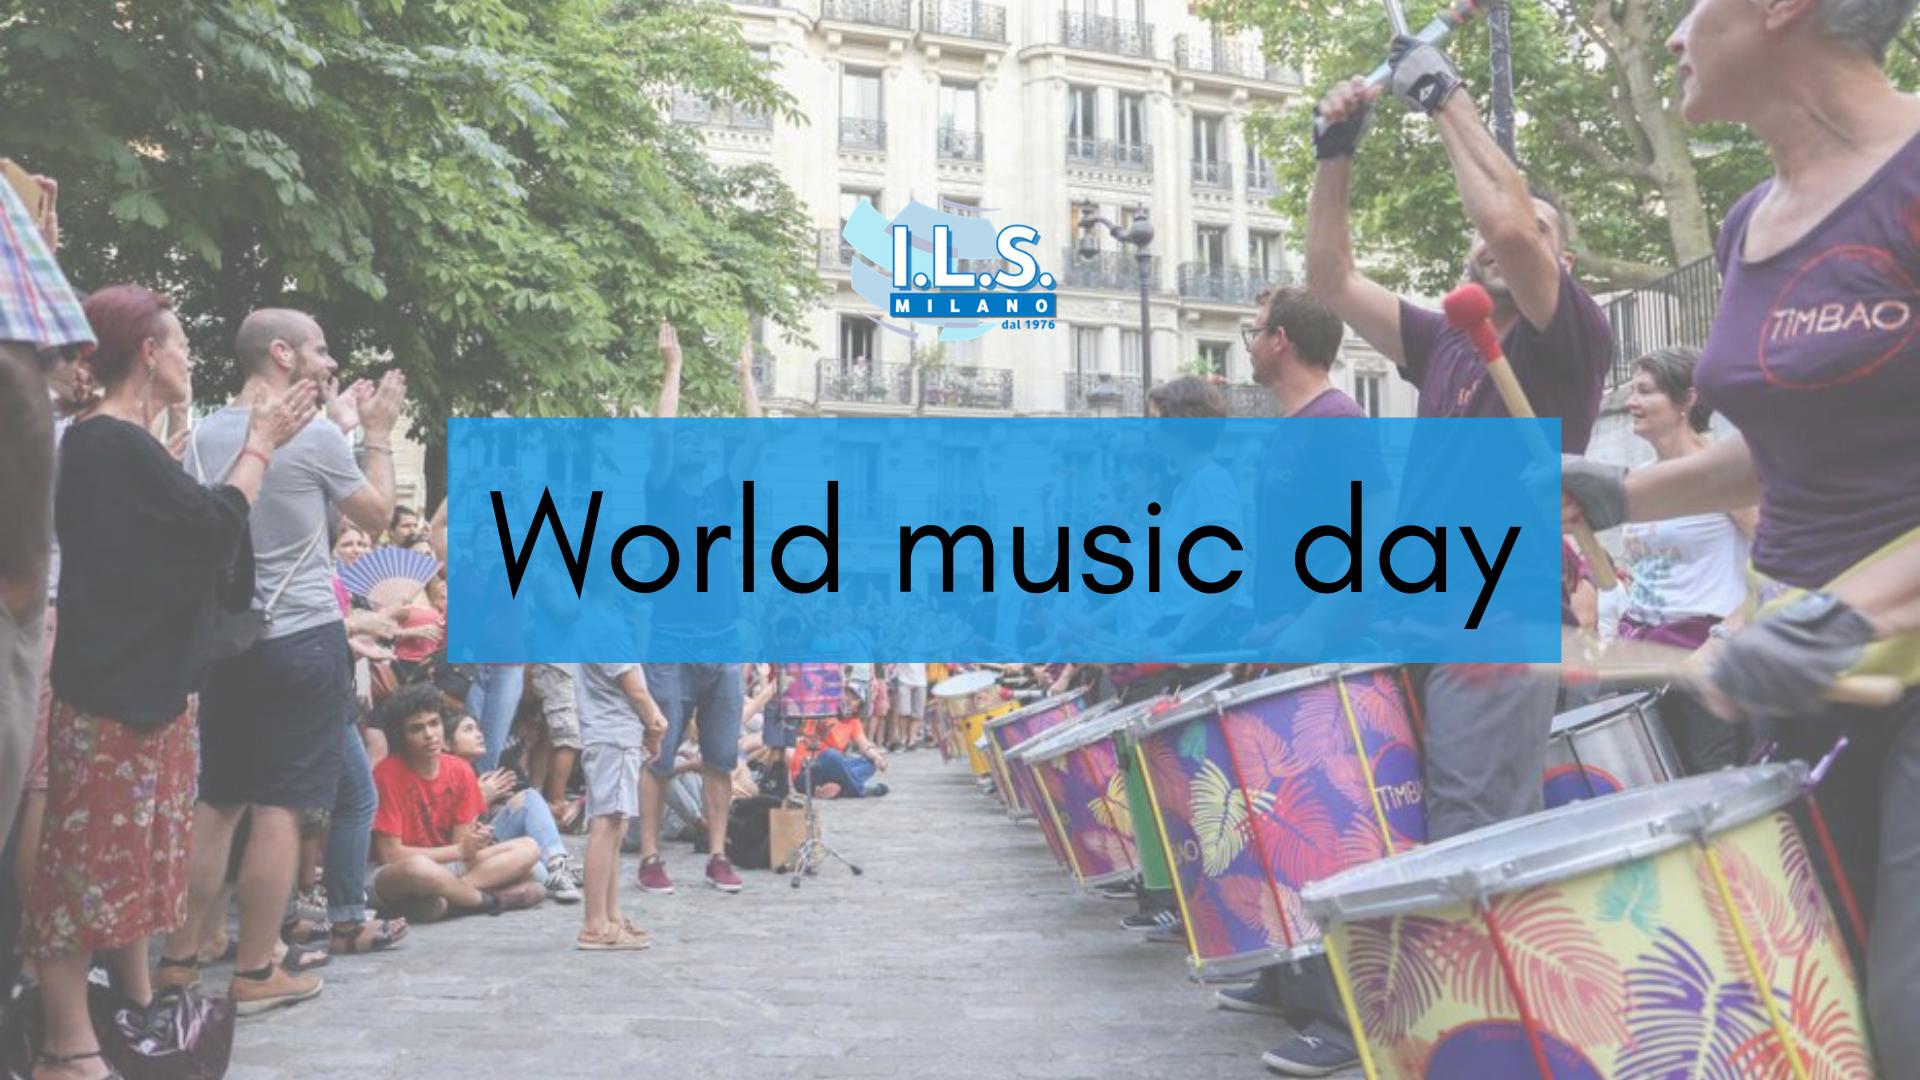 World Music Day Fete de la musique ils milano corso di francese